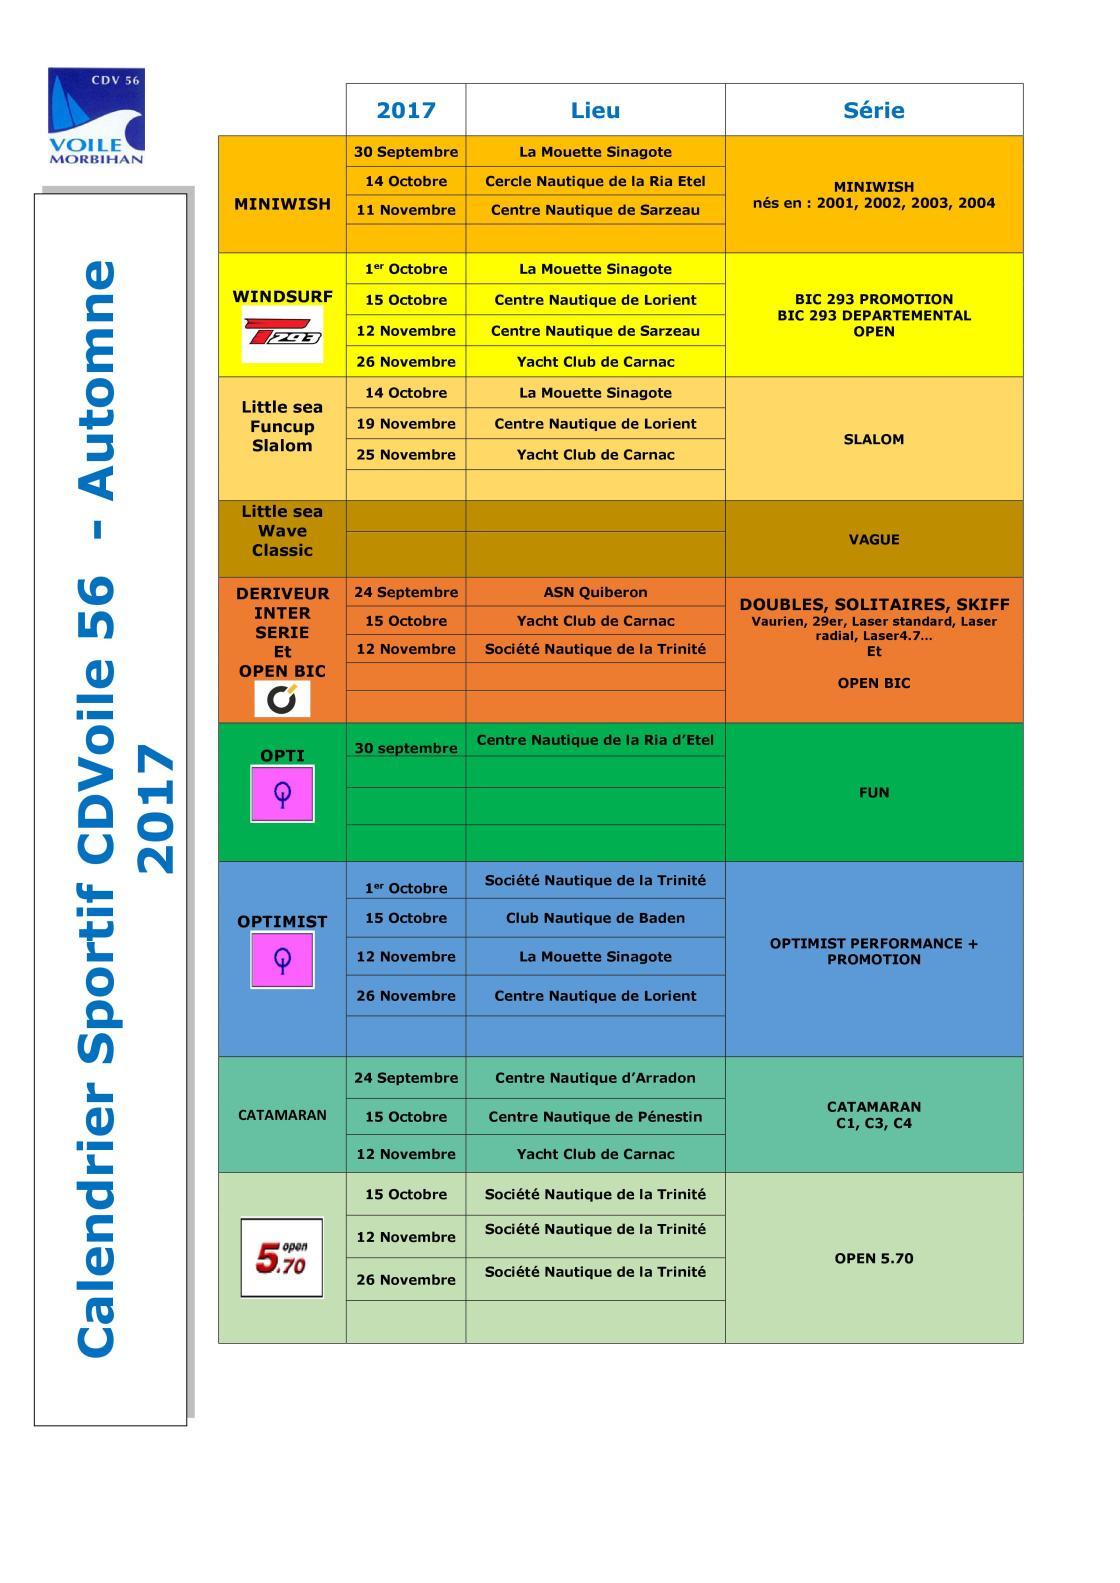 Calendrier Départemental Automne 2017 CDV56